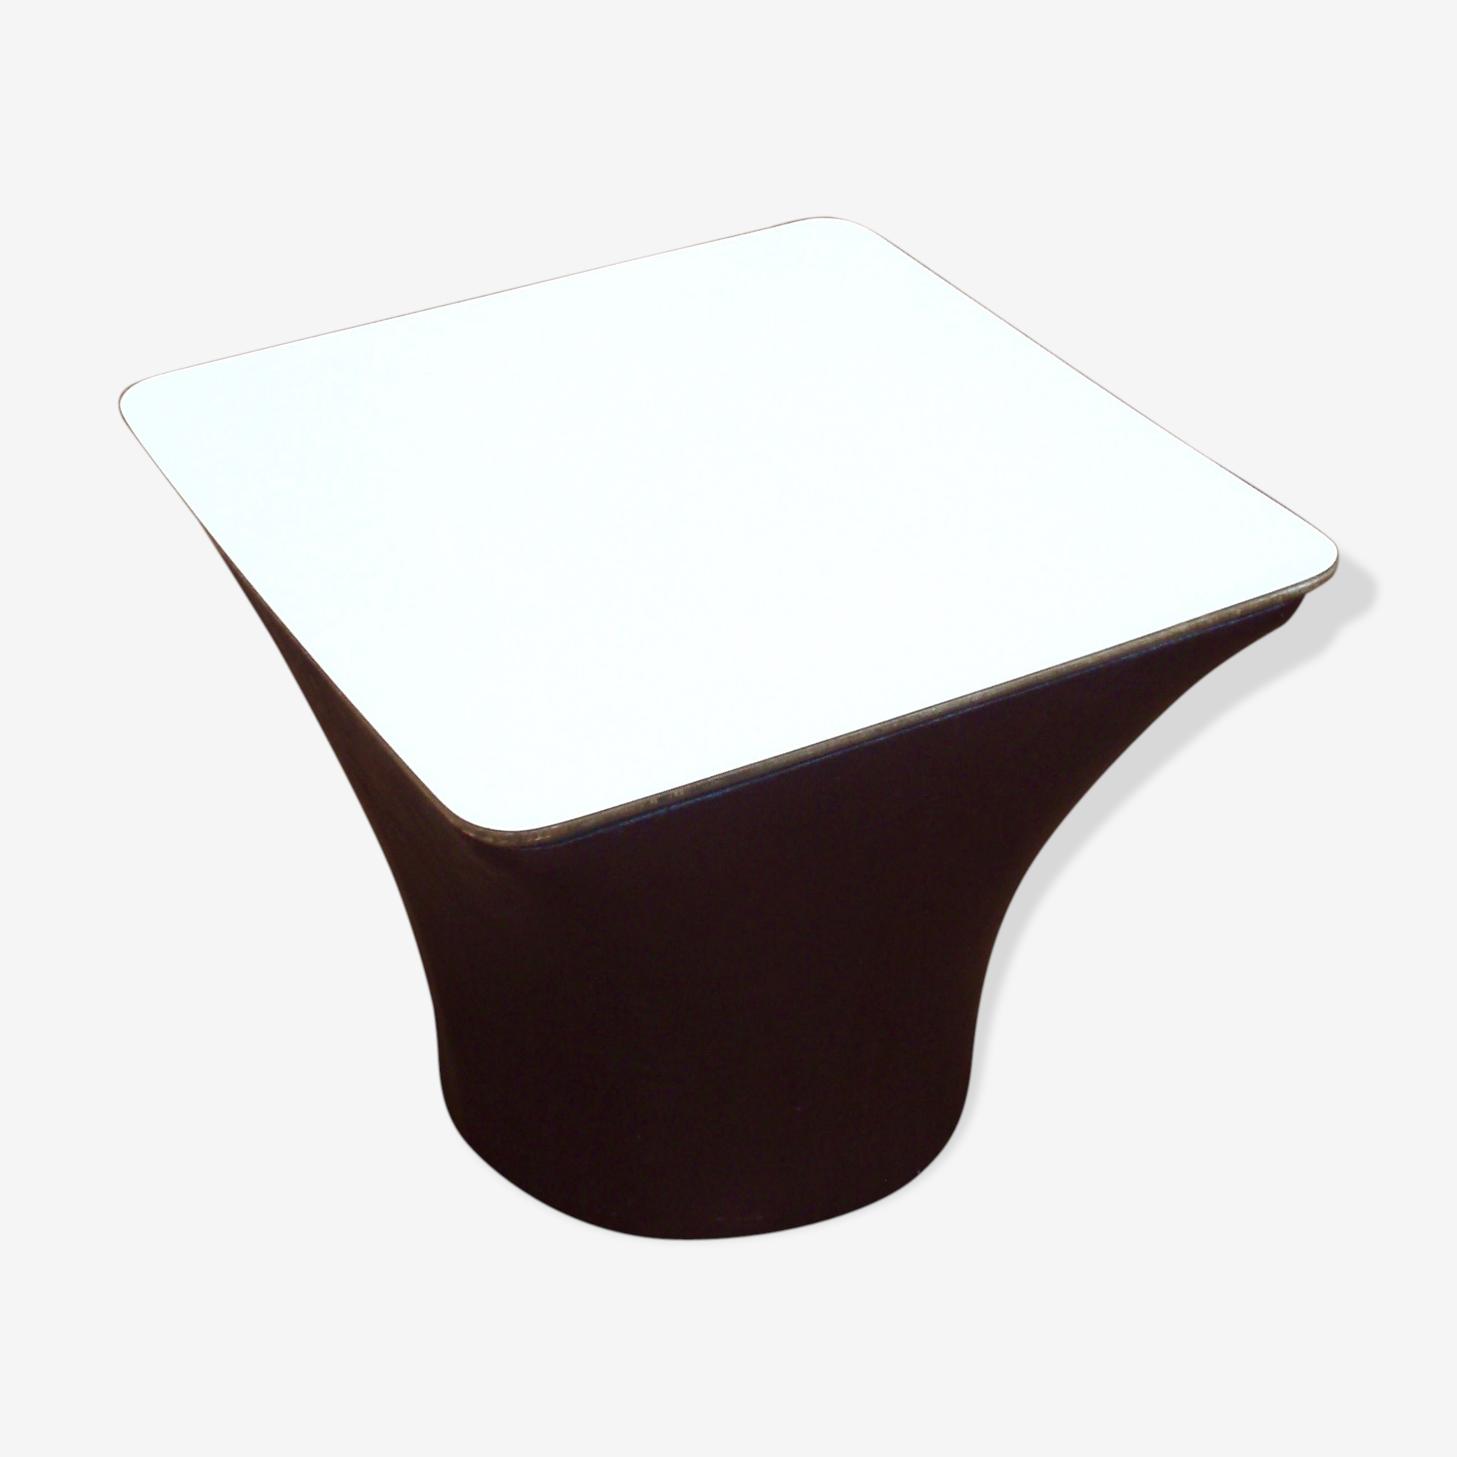 Table d'appoint Mushroom de Pierre Paulin pour Artifort années 60